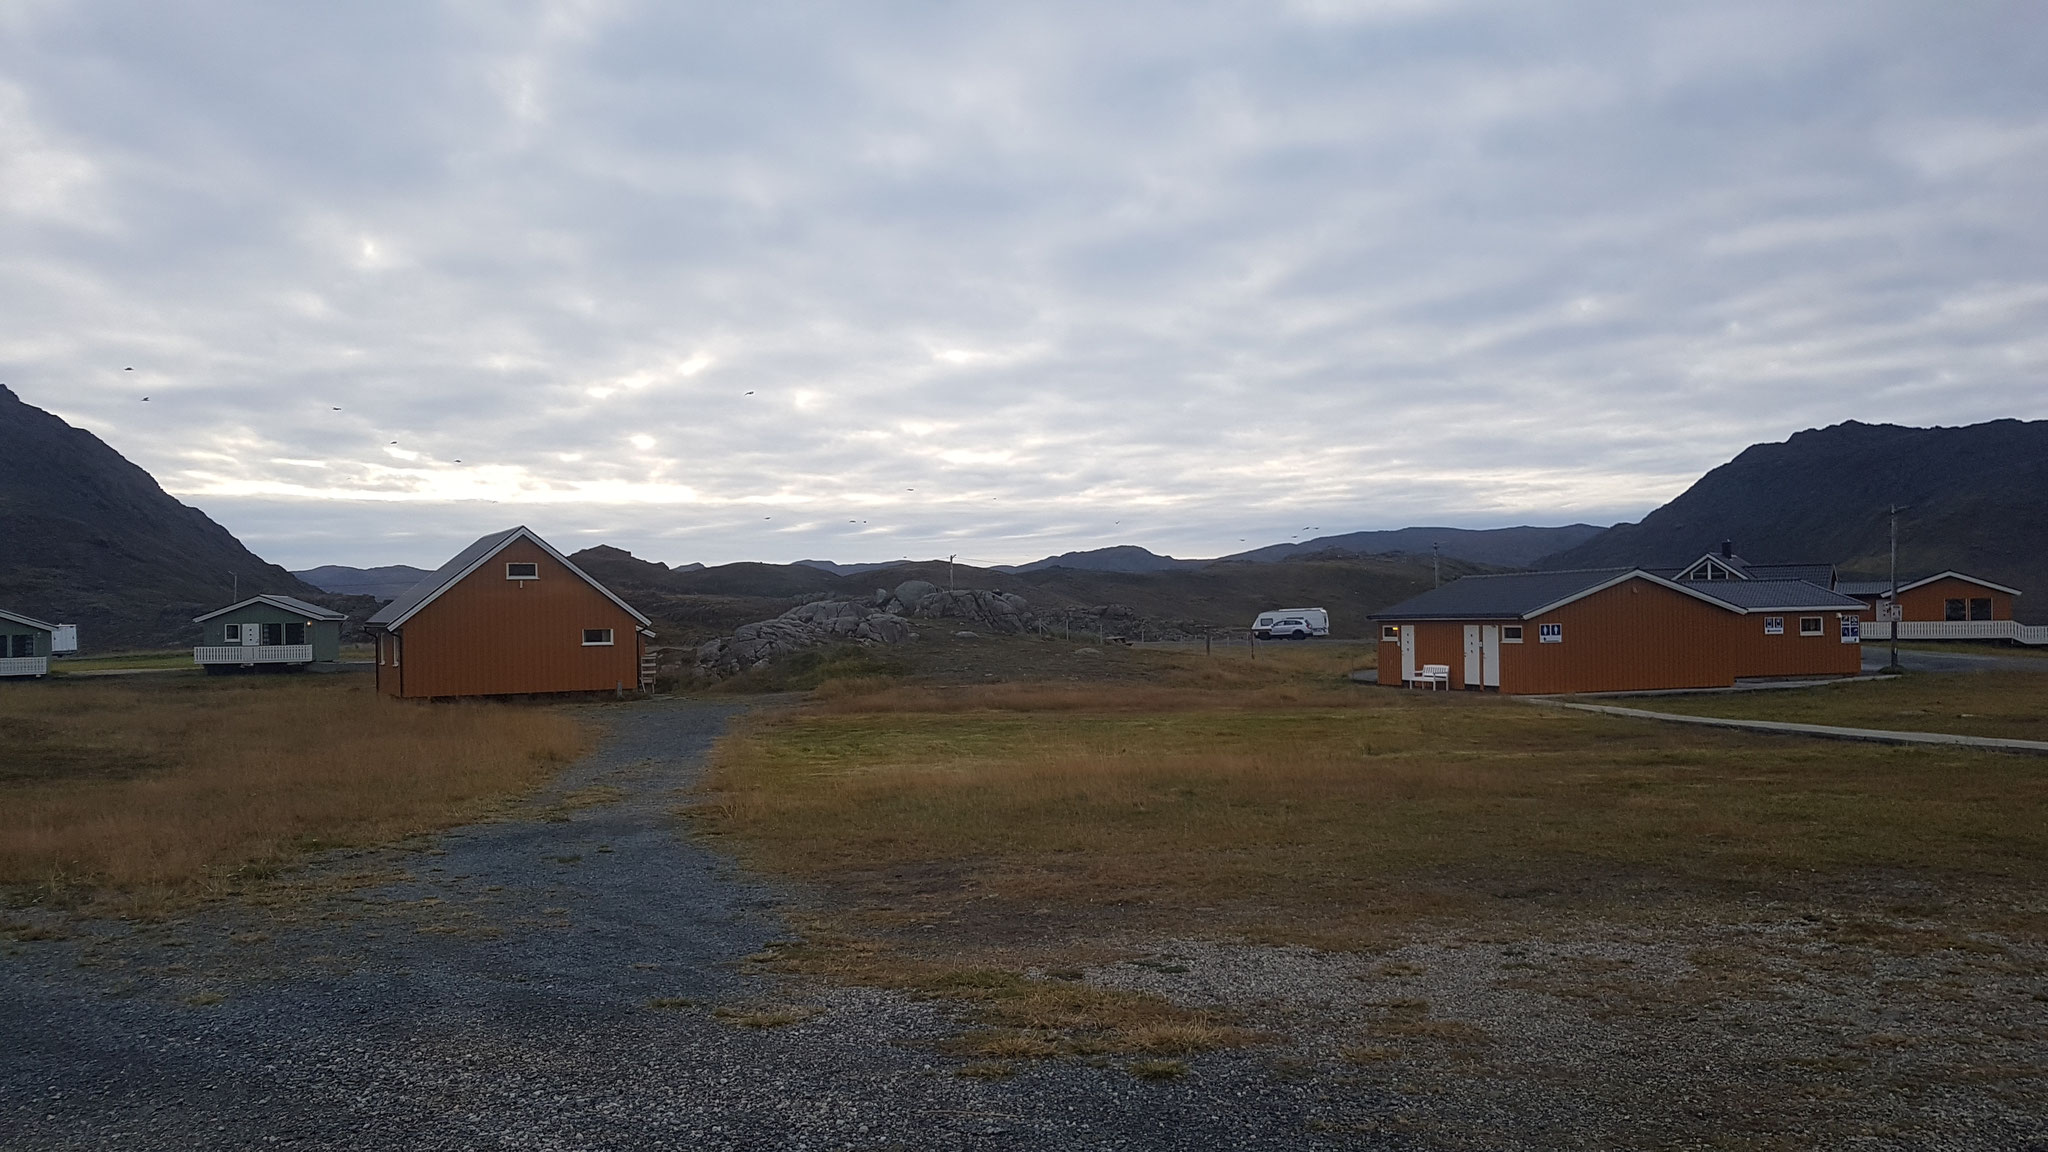 Ein verlassener Campingplatz im Norden